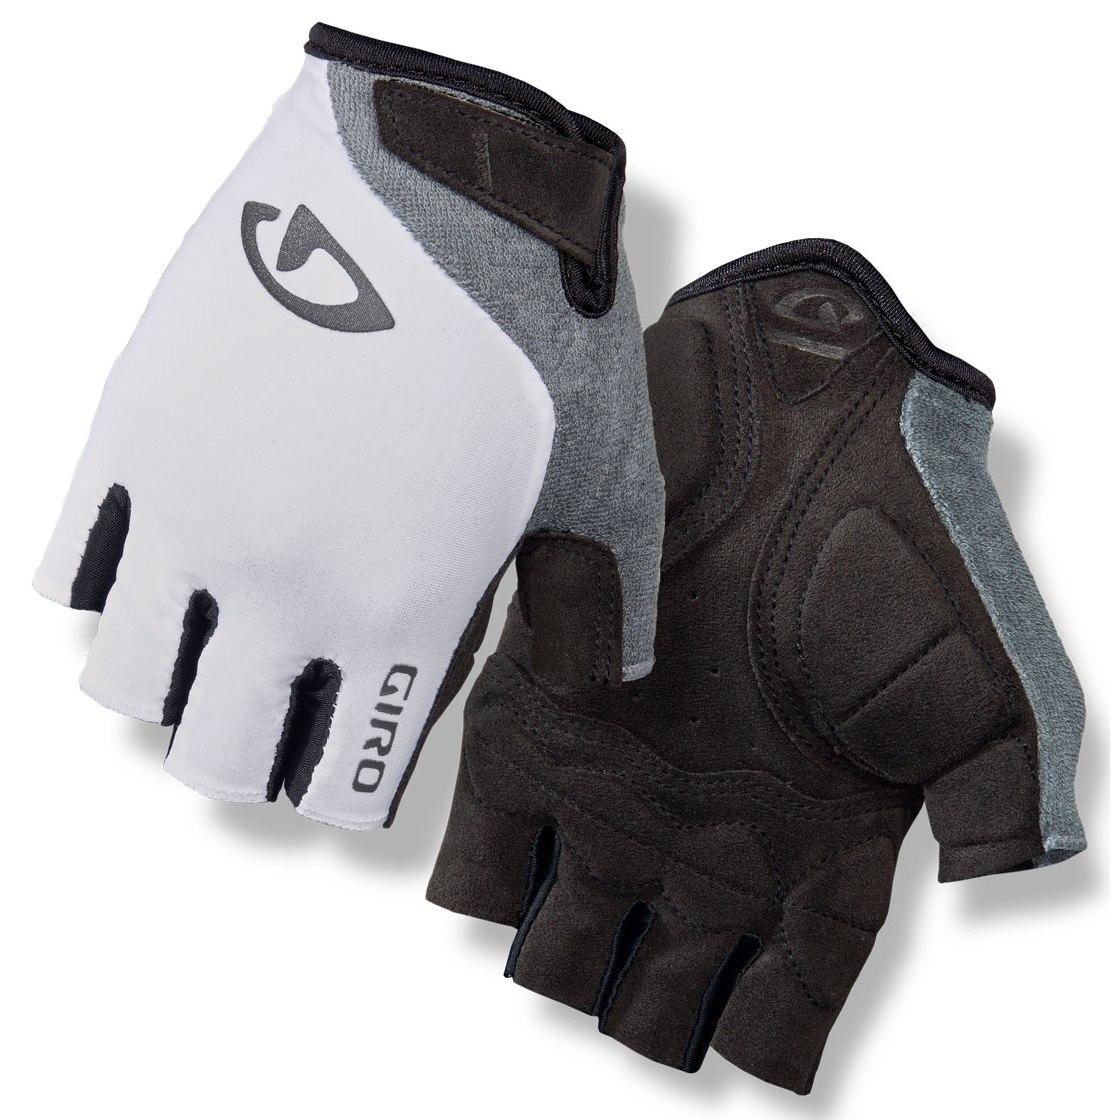 rokavice giro jag ette x white/titanium